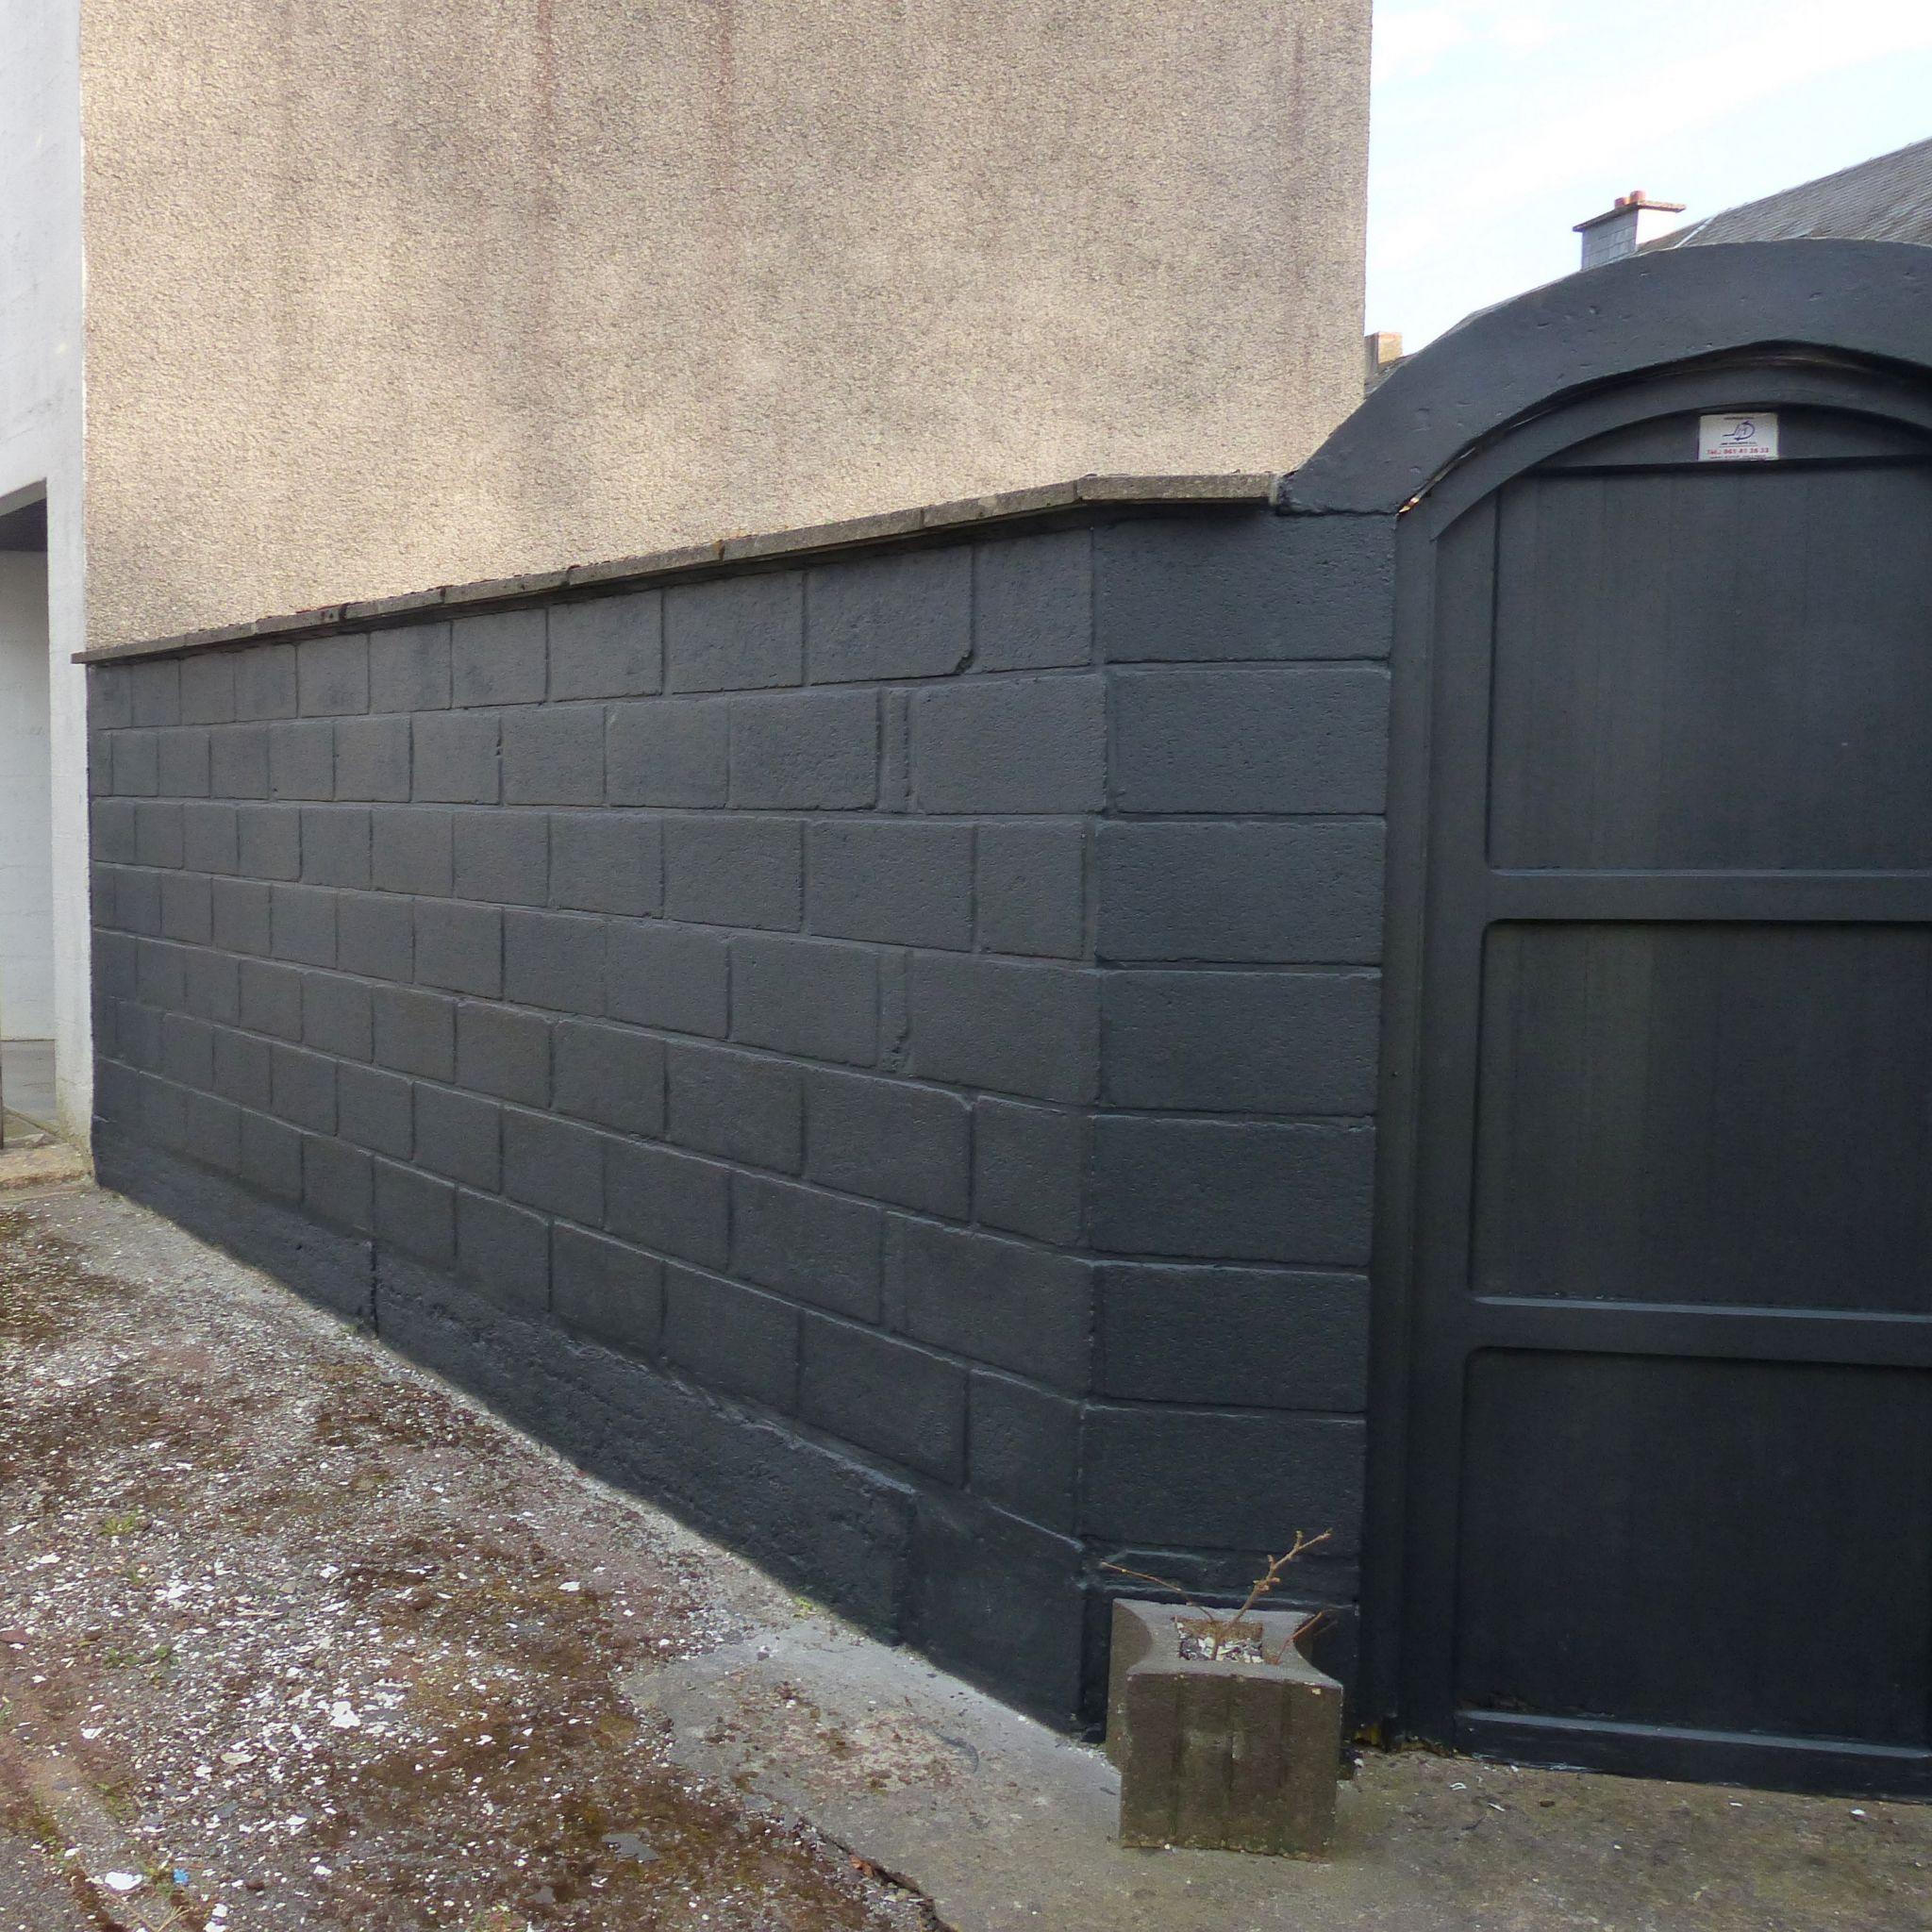 Peindre Un Muret En Parpaing 5 103429712 O Peindre Parpaing Mur En Parpaing Decoration Exterieur